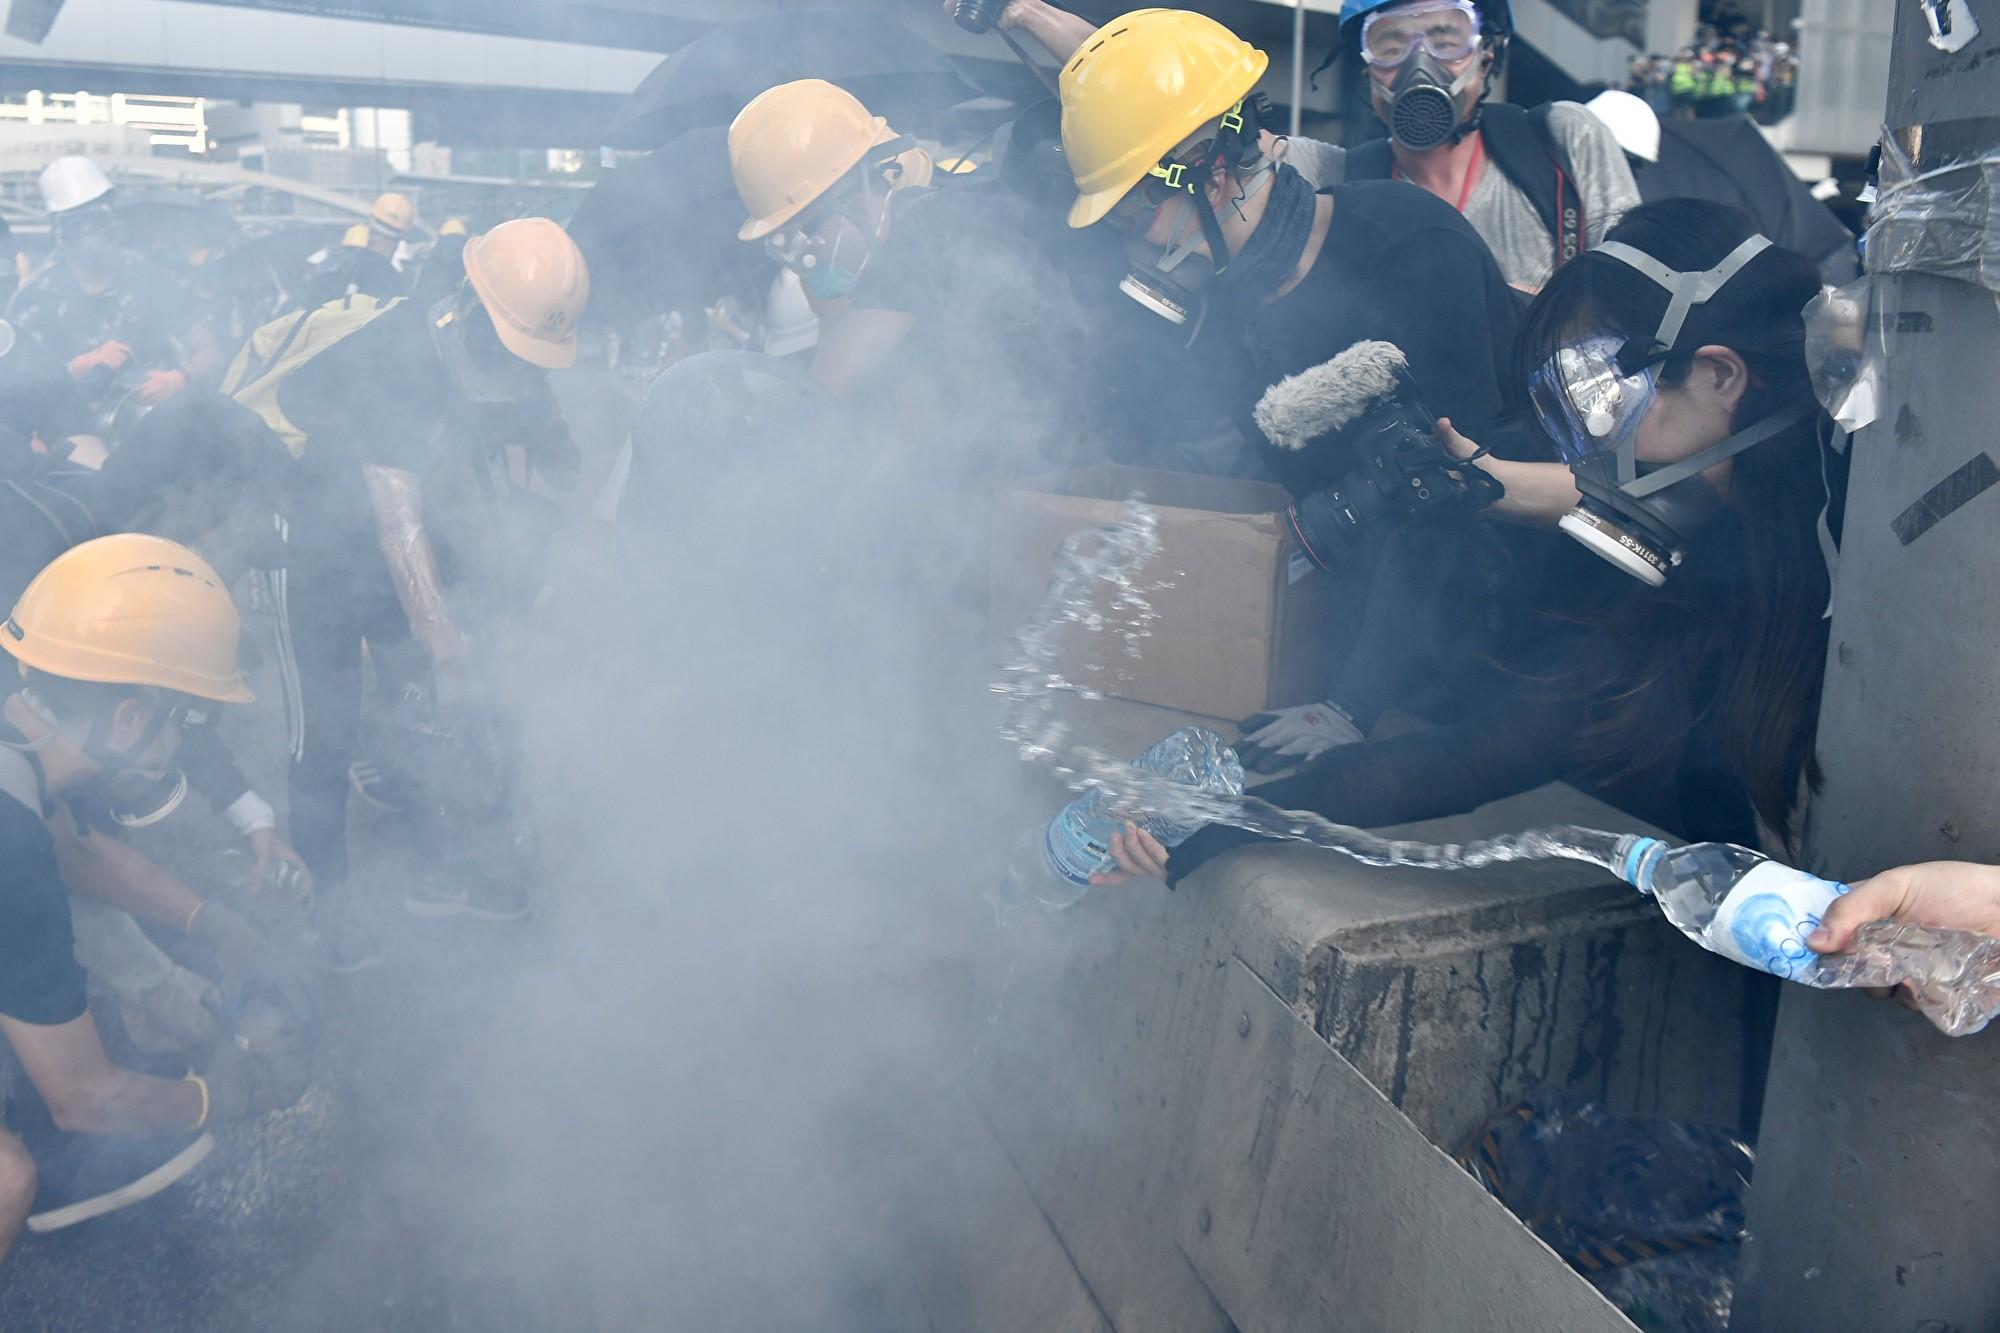 【新聞看點】抗爭遍地開花 北京急招港官受訓